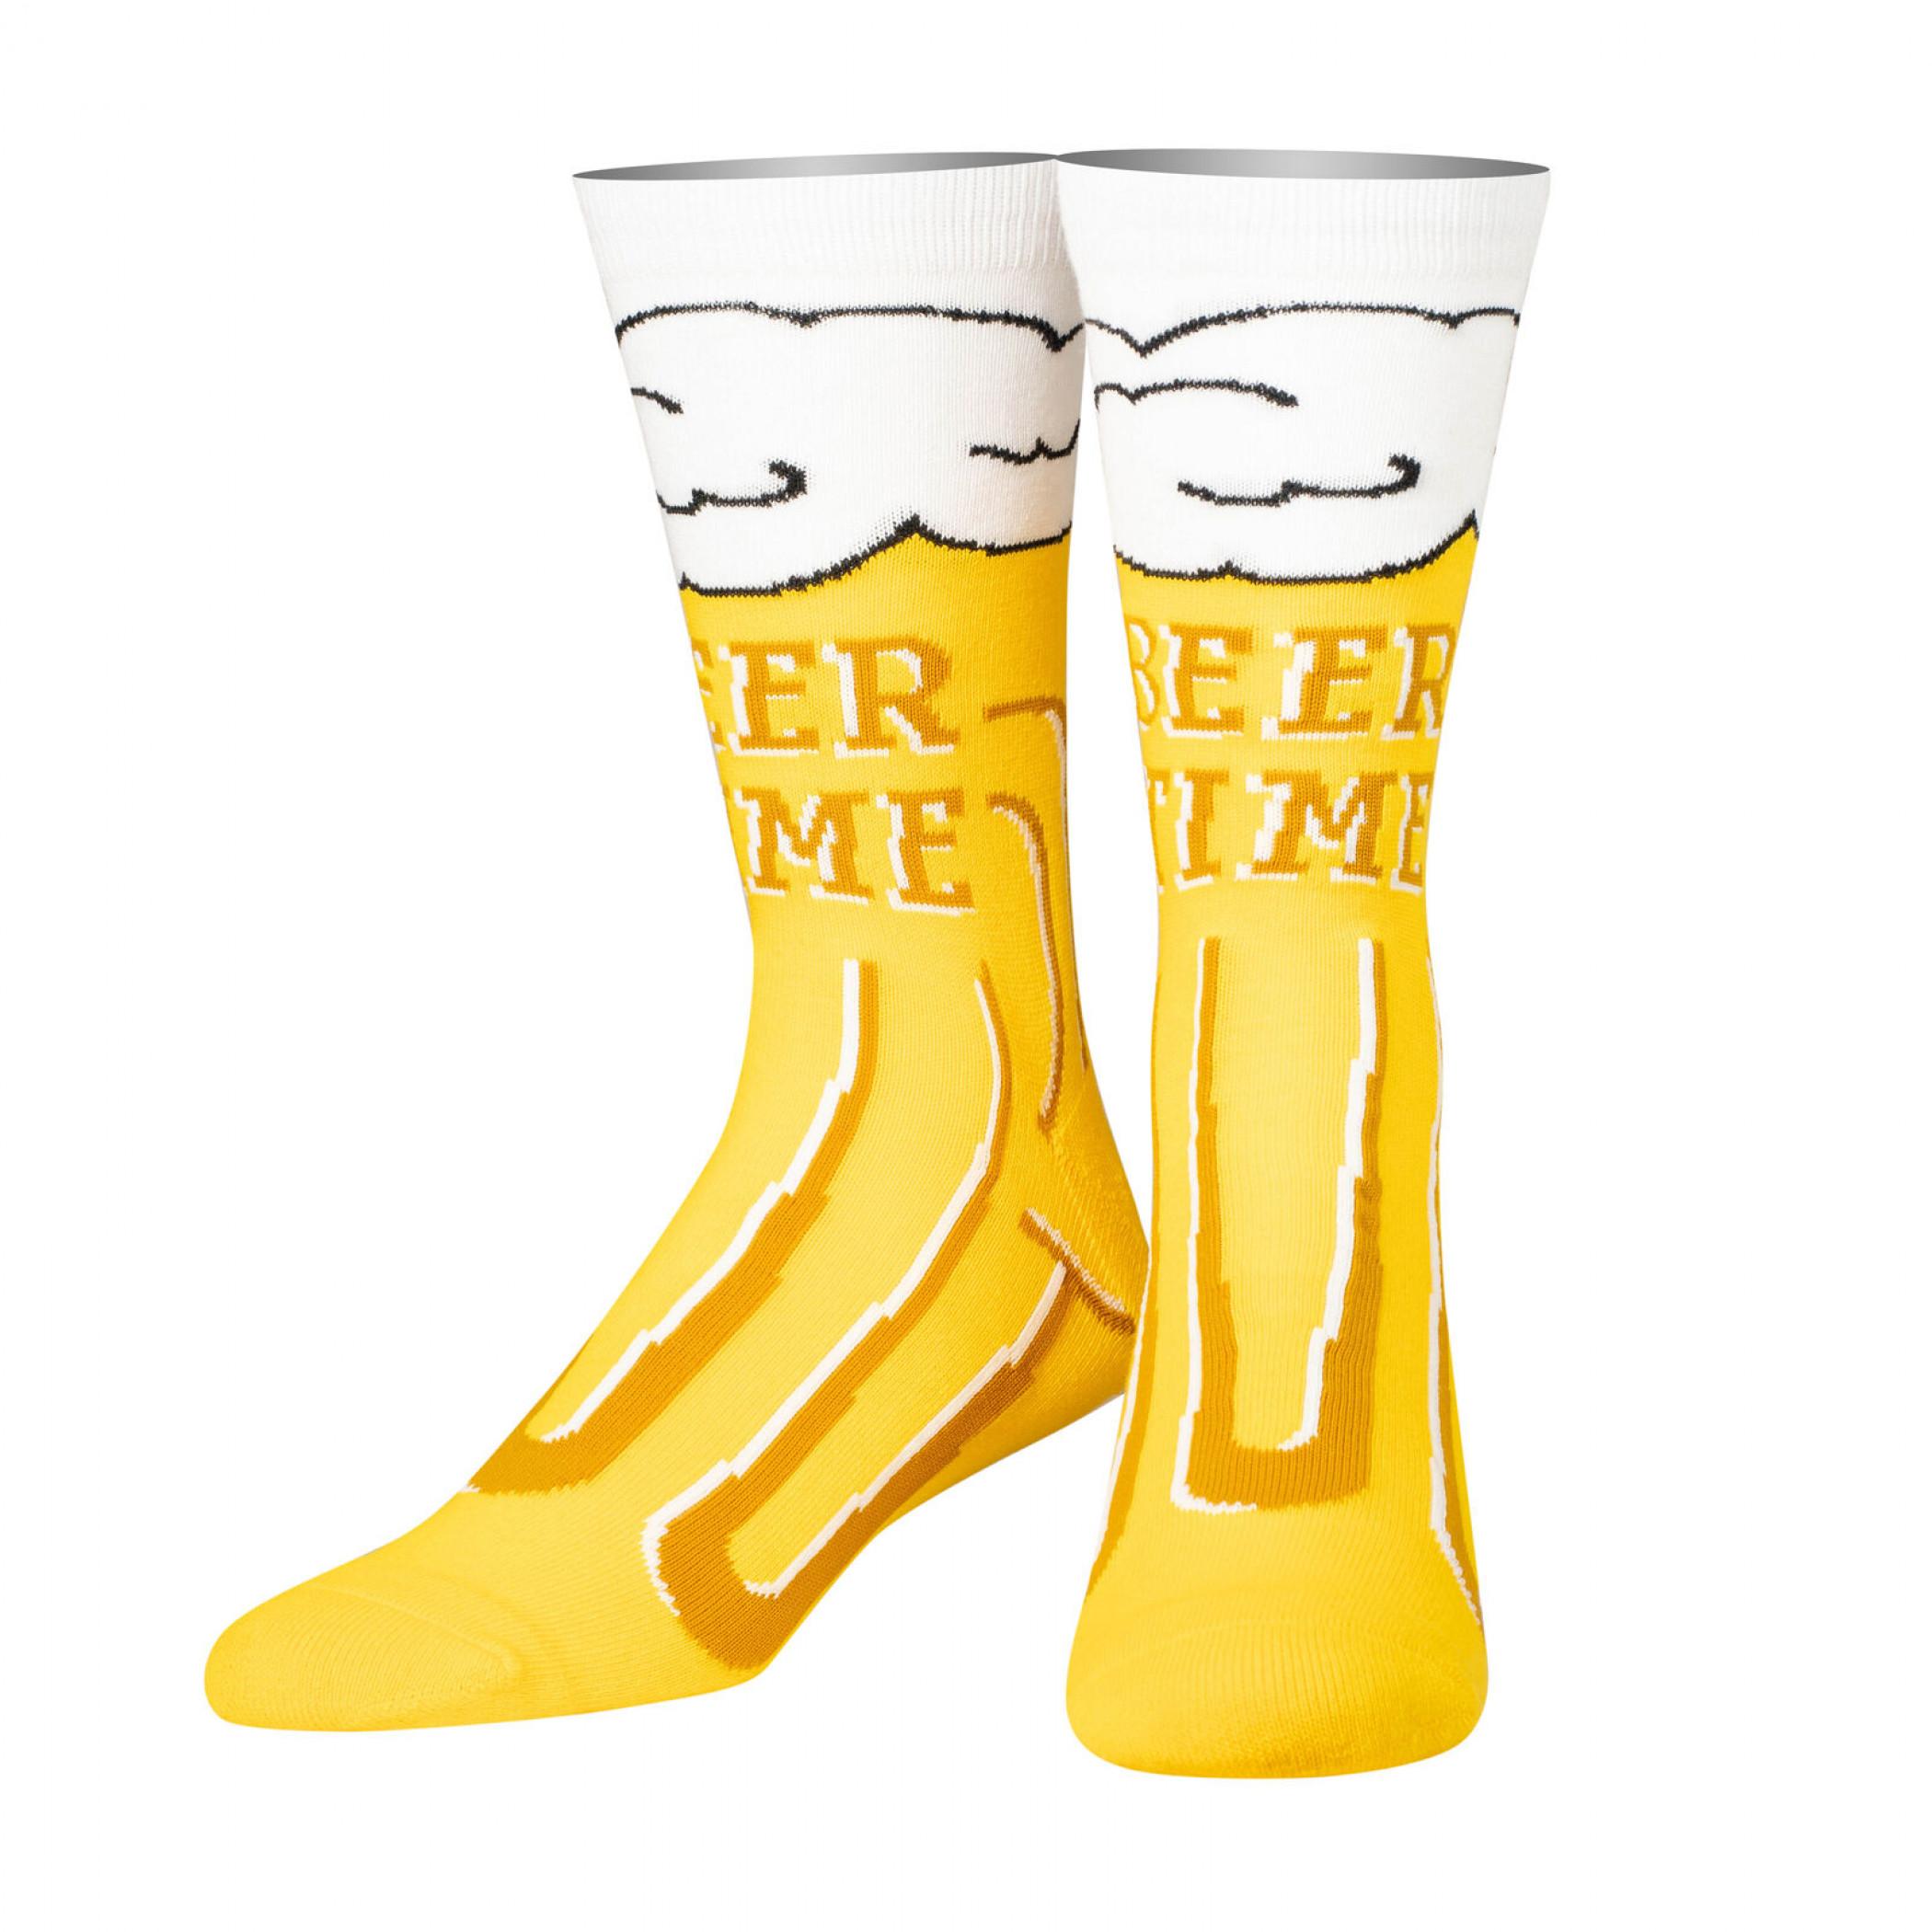 Beer Time Crew Socks